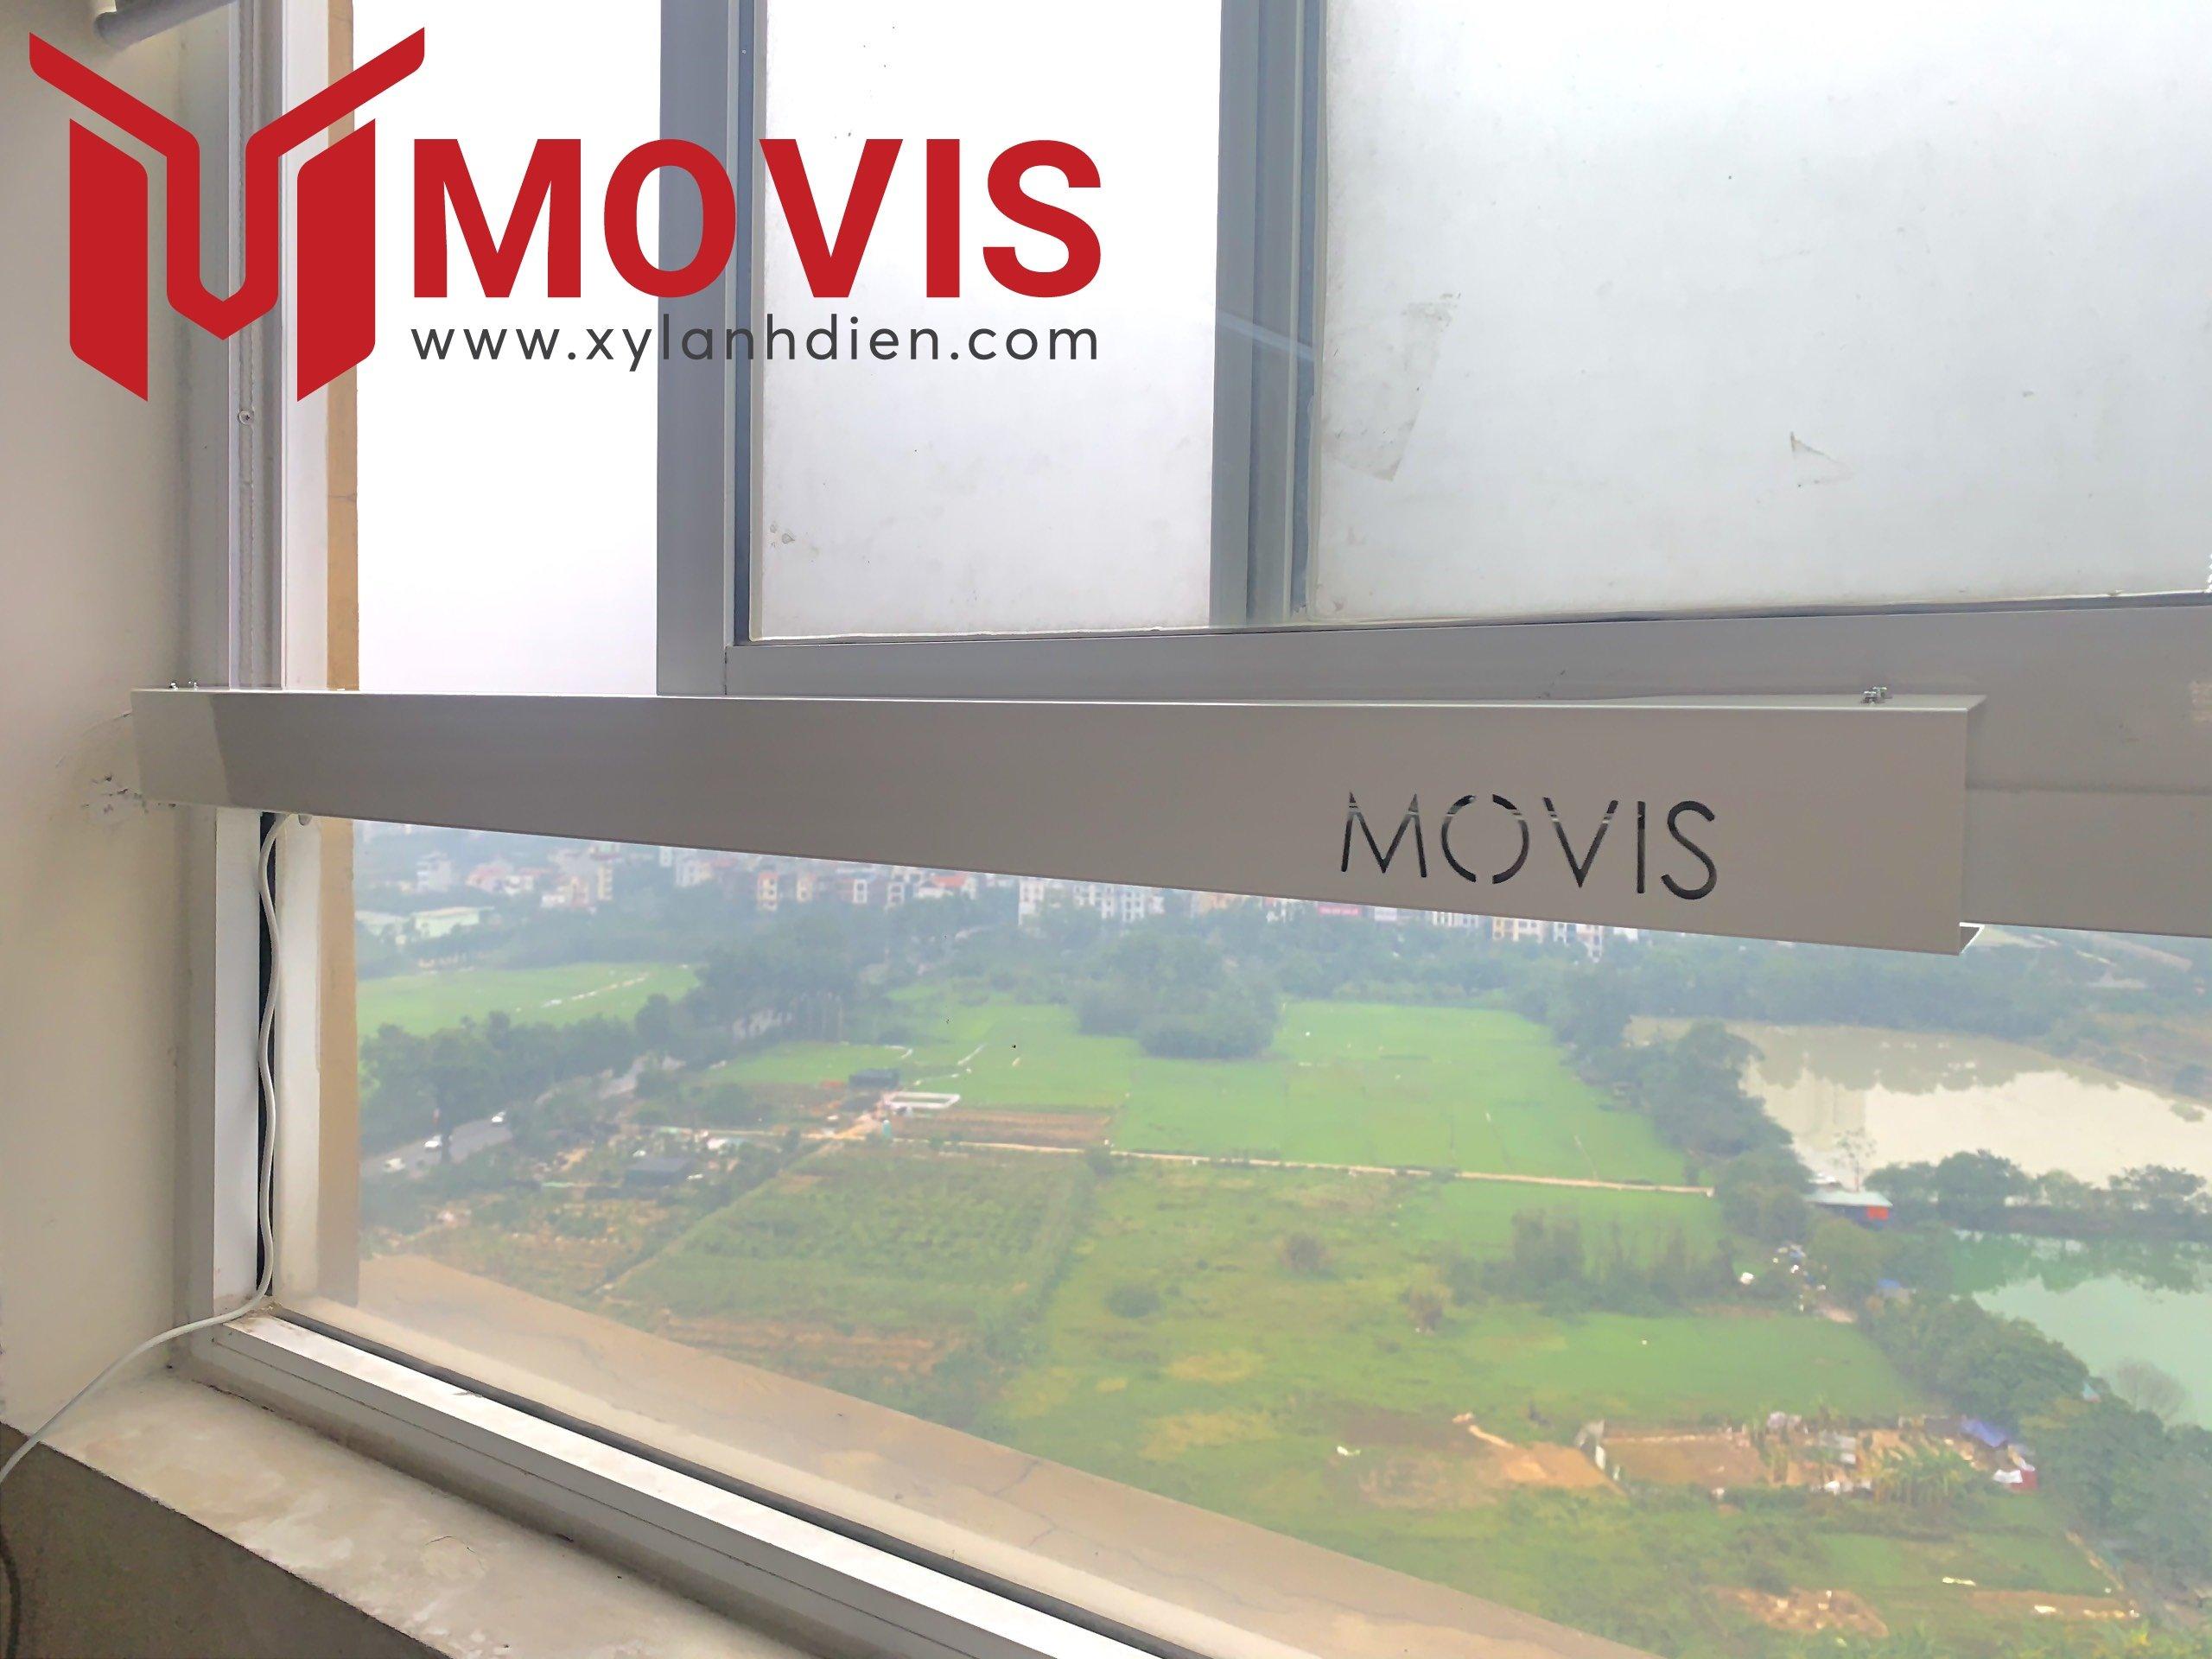 Xy lanh điện movis